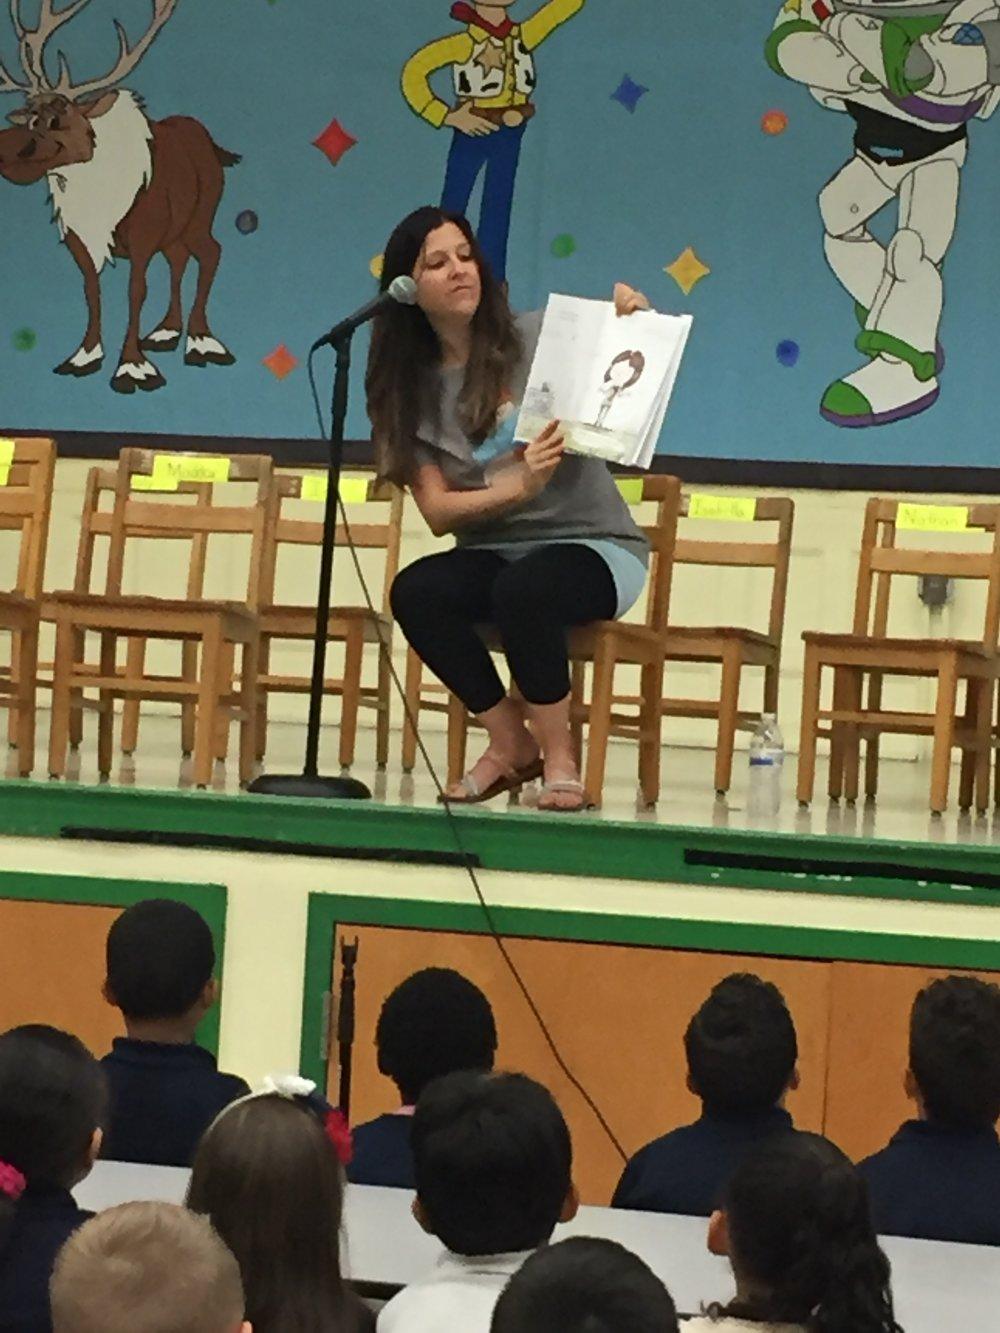 Gorilla school visit Vroom Bayonne NJIMG_6817.JPG